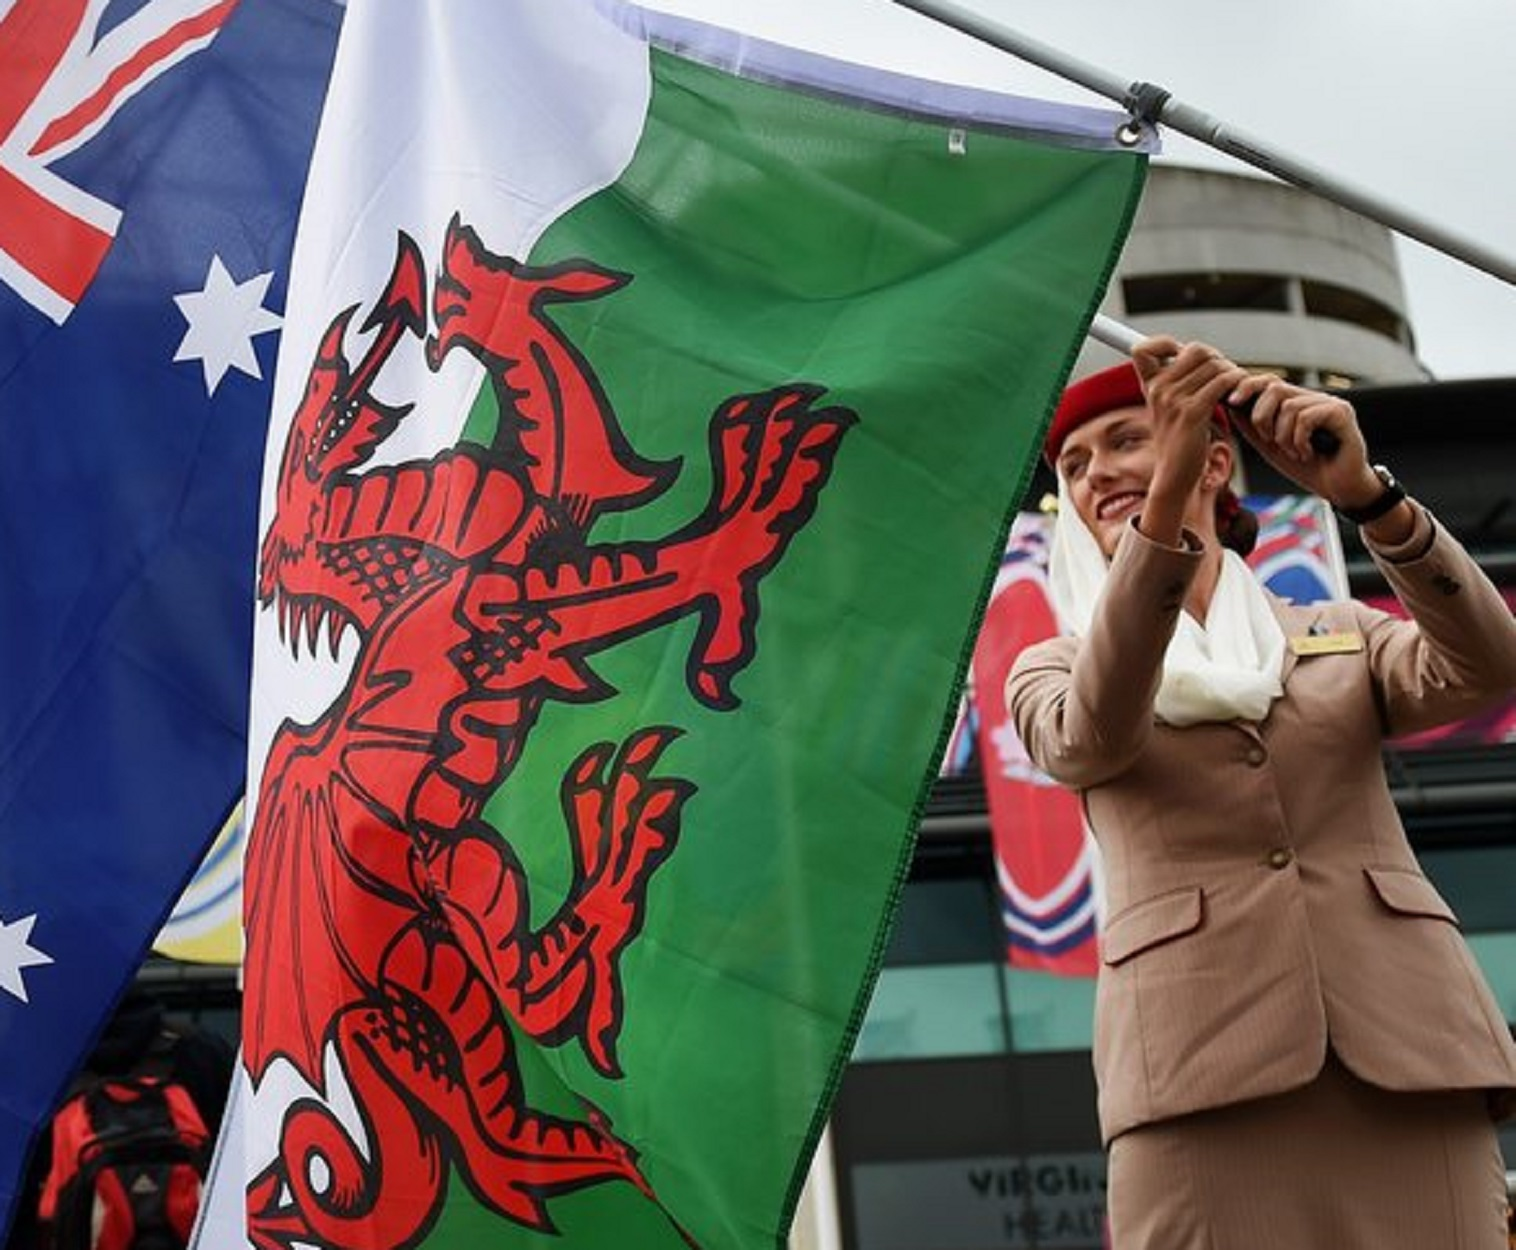 Να ανεξαρτητοποιηθεί από τη Βρετανία εξετάζει η Ουαλία